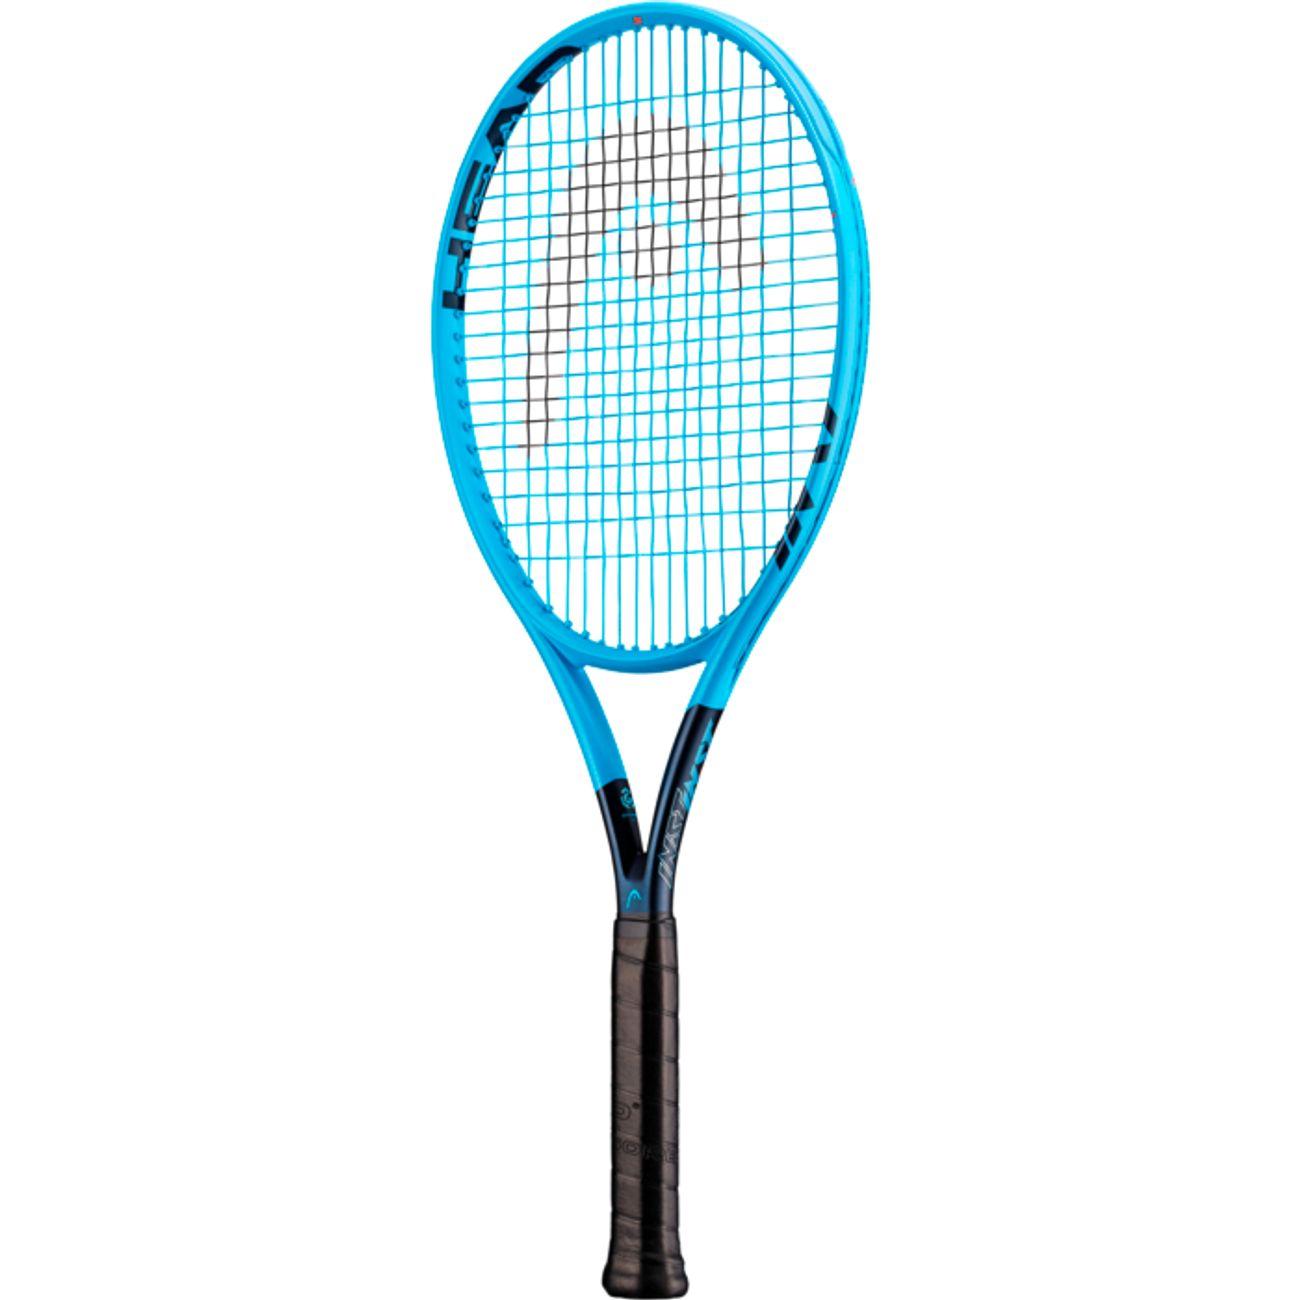 RAQUETTE Tennis mixte HEAD INSTINCT S